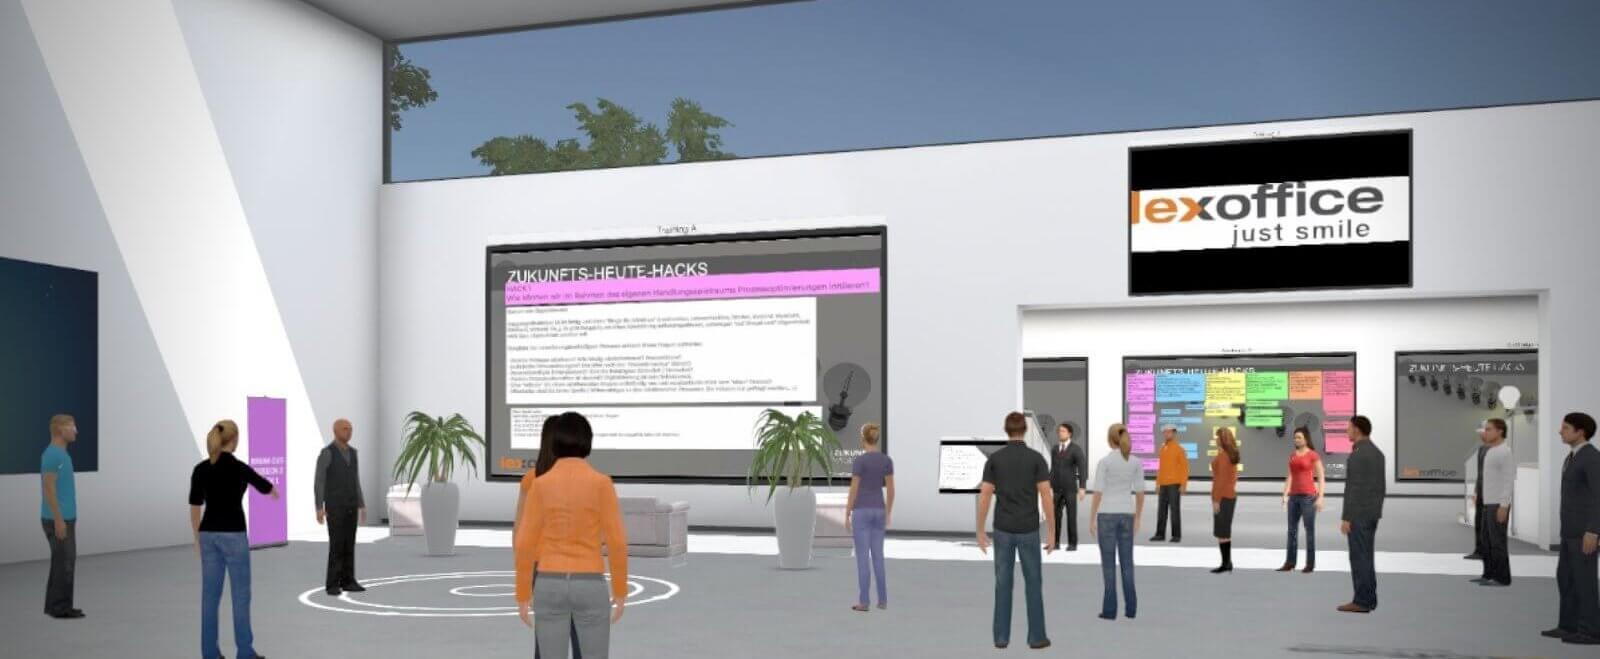 Zukunftswerkstatt 2020: Die #zukunftskanzlei in in einer 3D-Welt mit eigenen Avataren